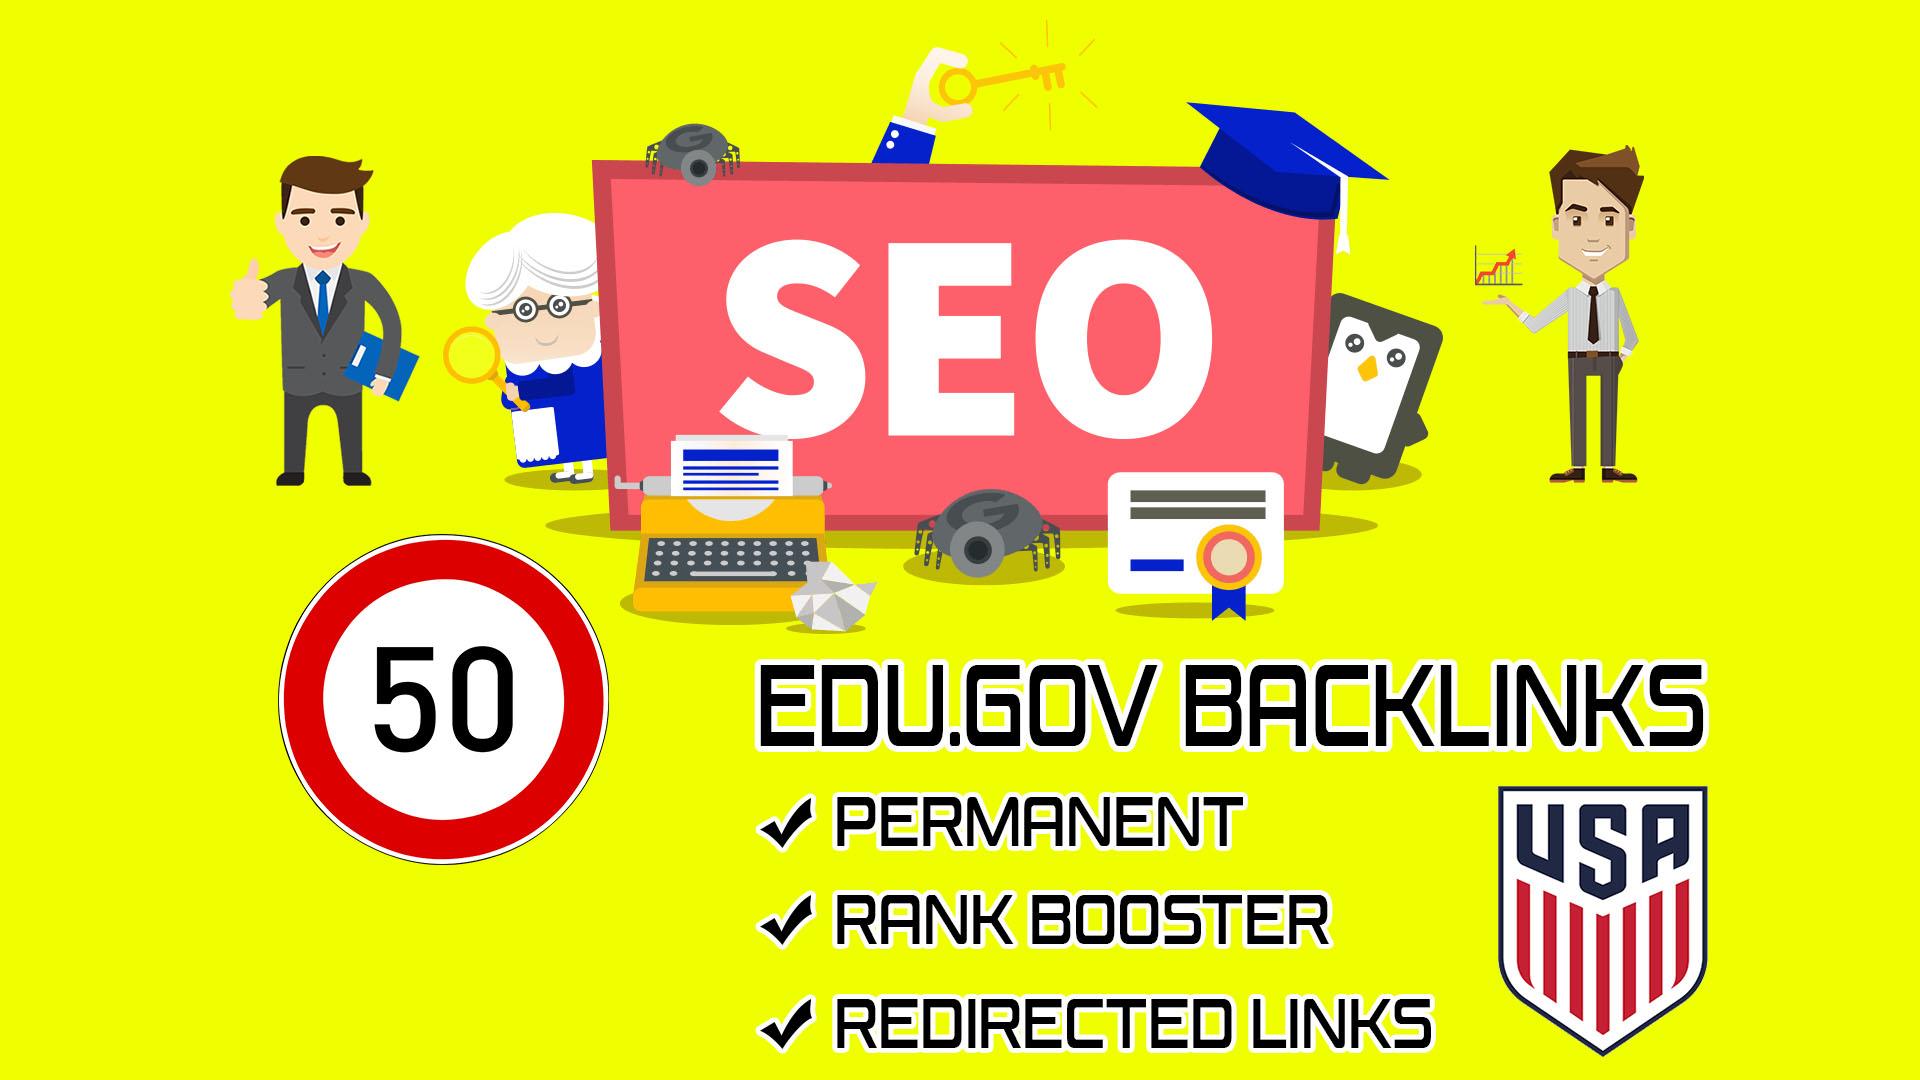 Provide manual high DA google authority edu gov backlinks